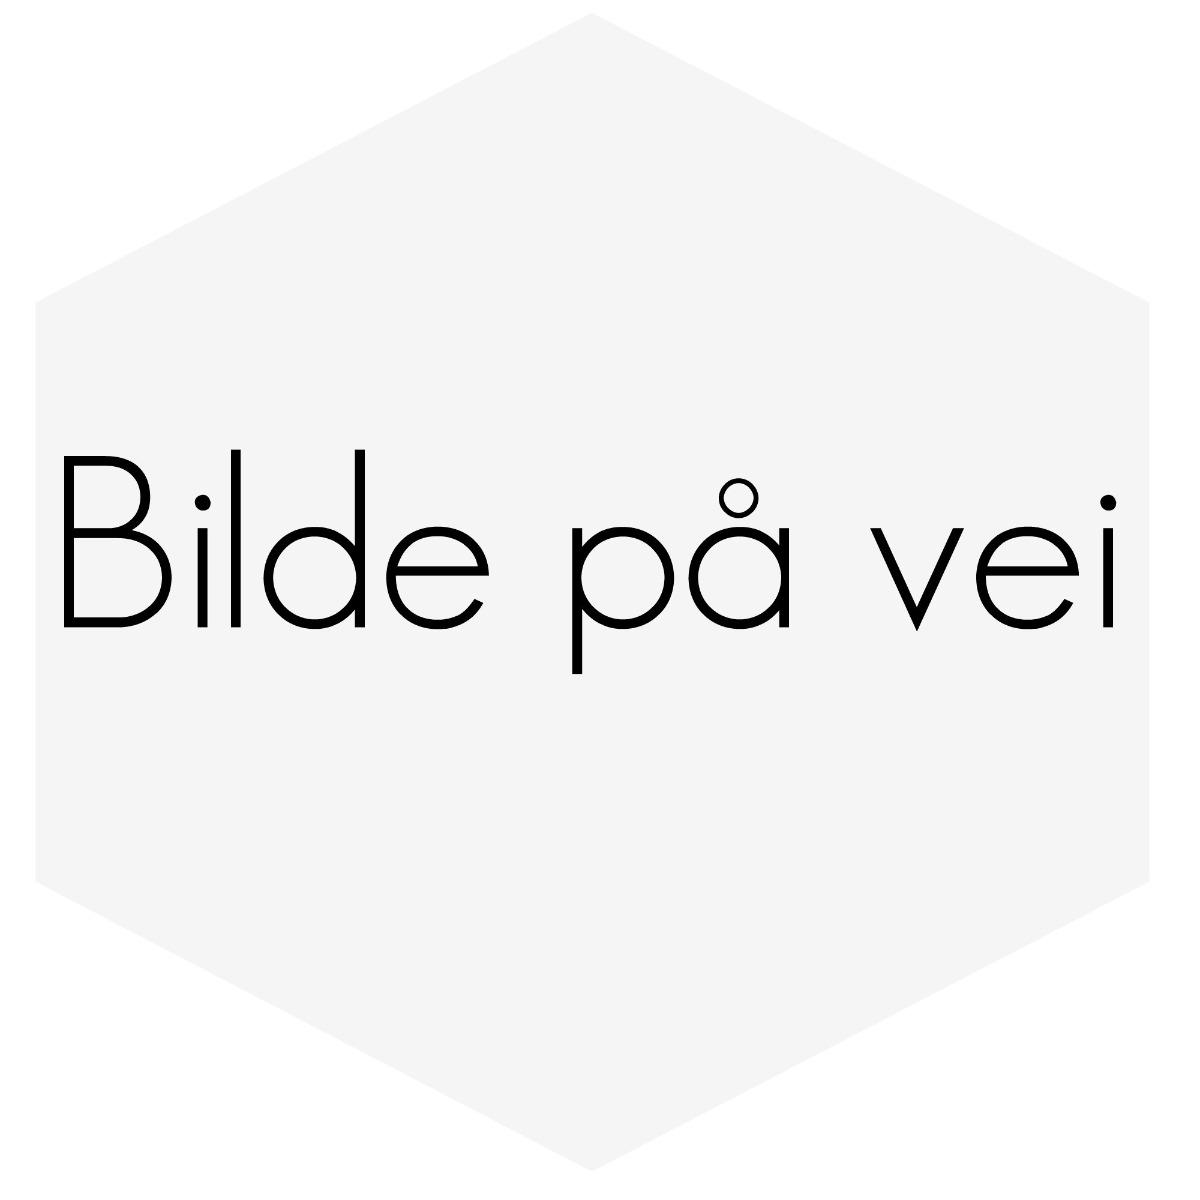 SPOILERLAMPE/FOGLAMPE S/V40 VOLVO 01-03  VENSTRE